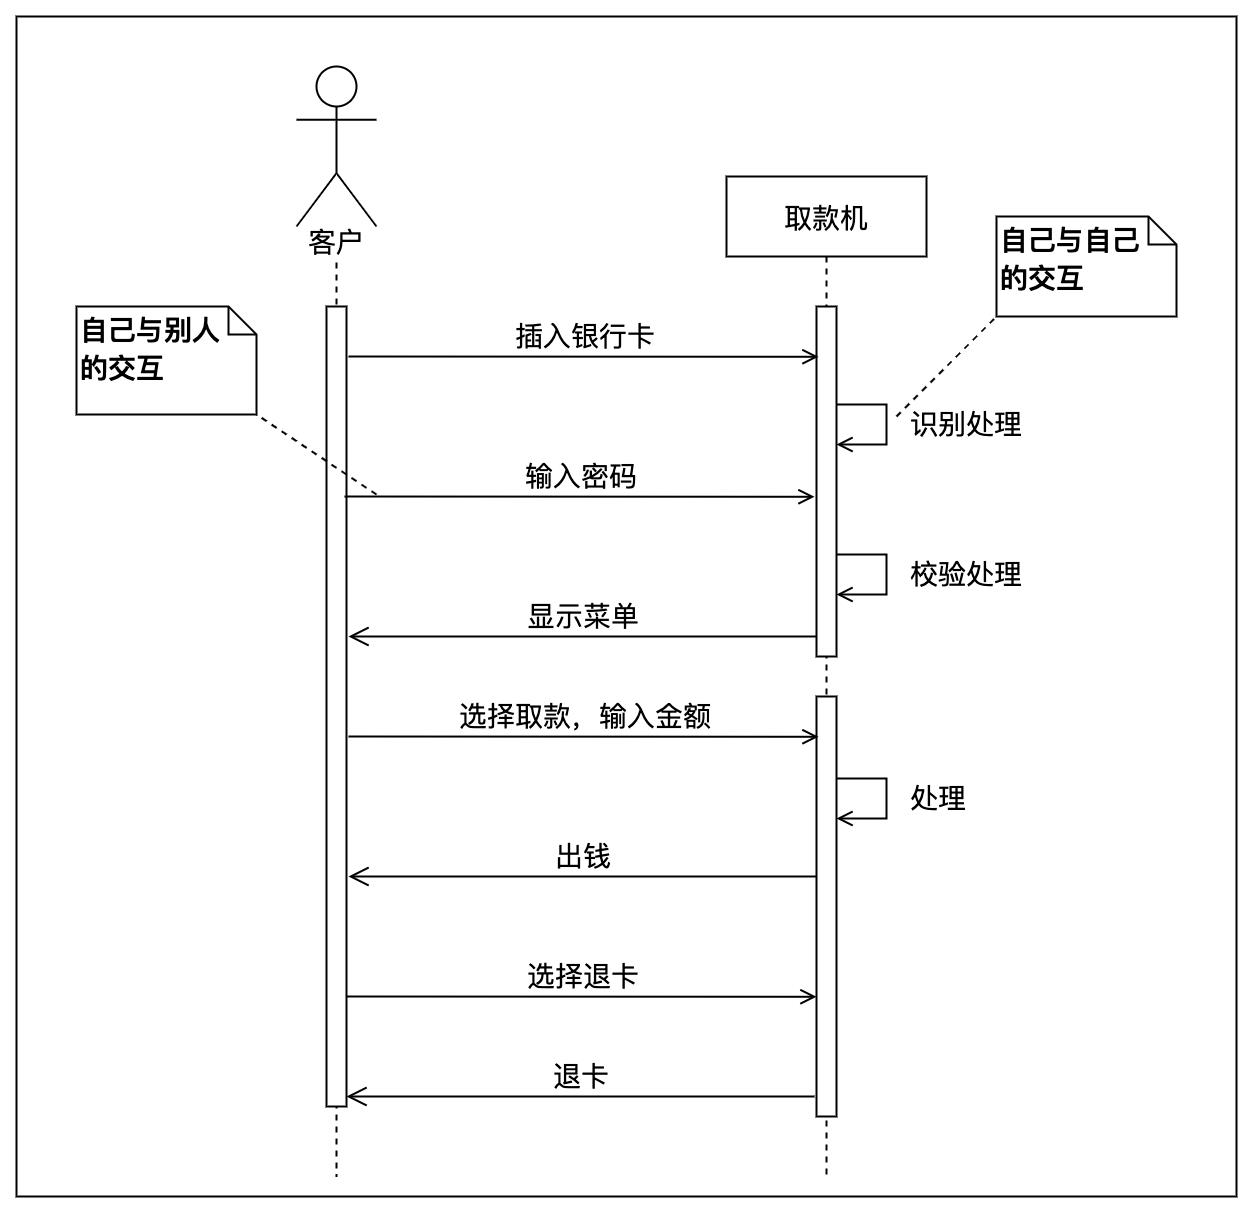 [产品设计]通过案例教你3步画好时序图